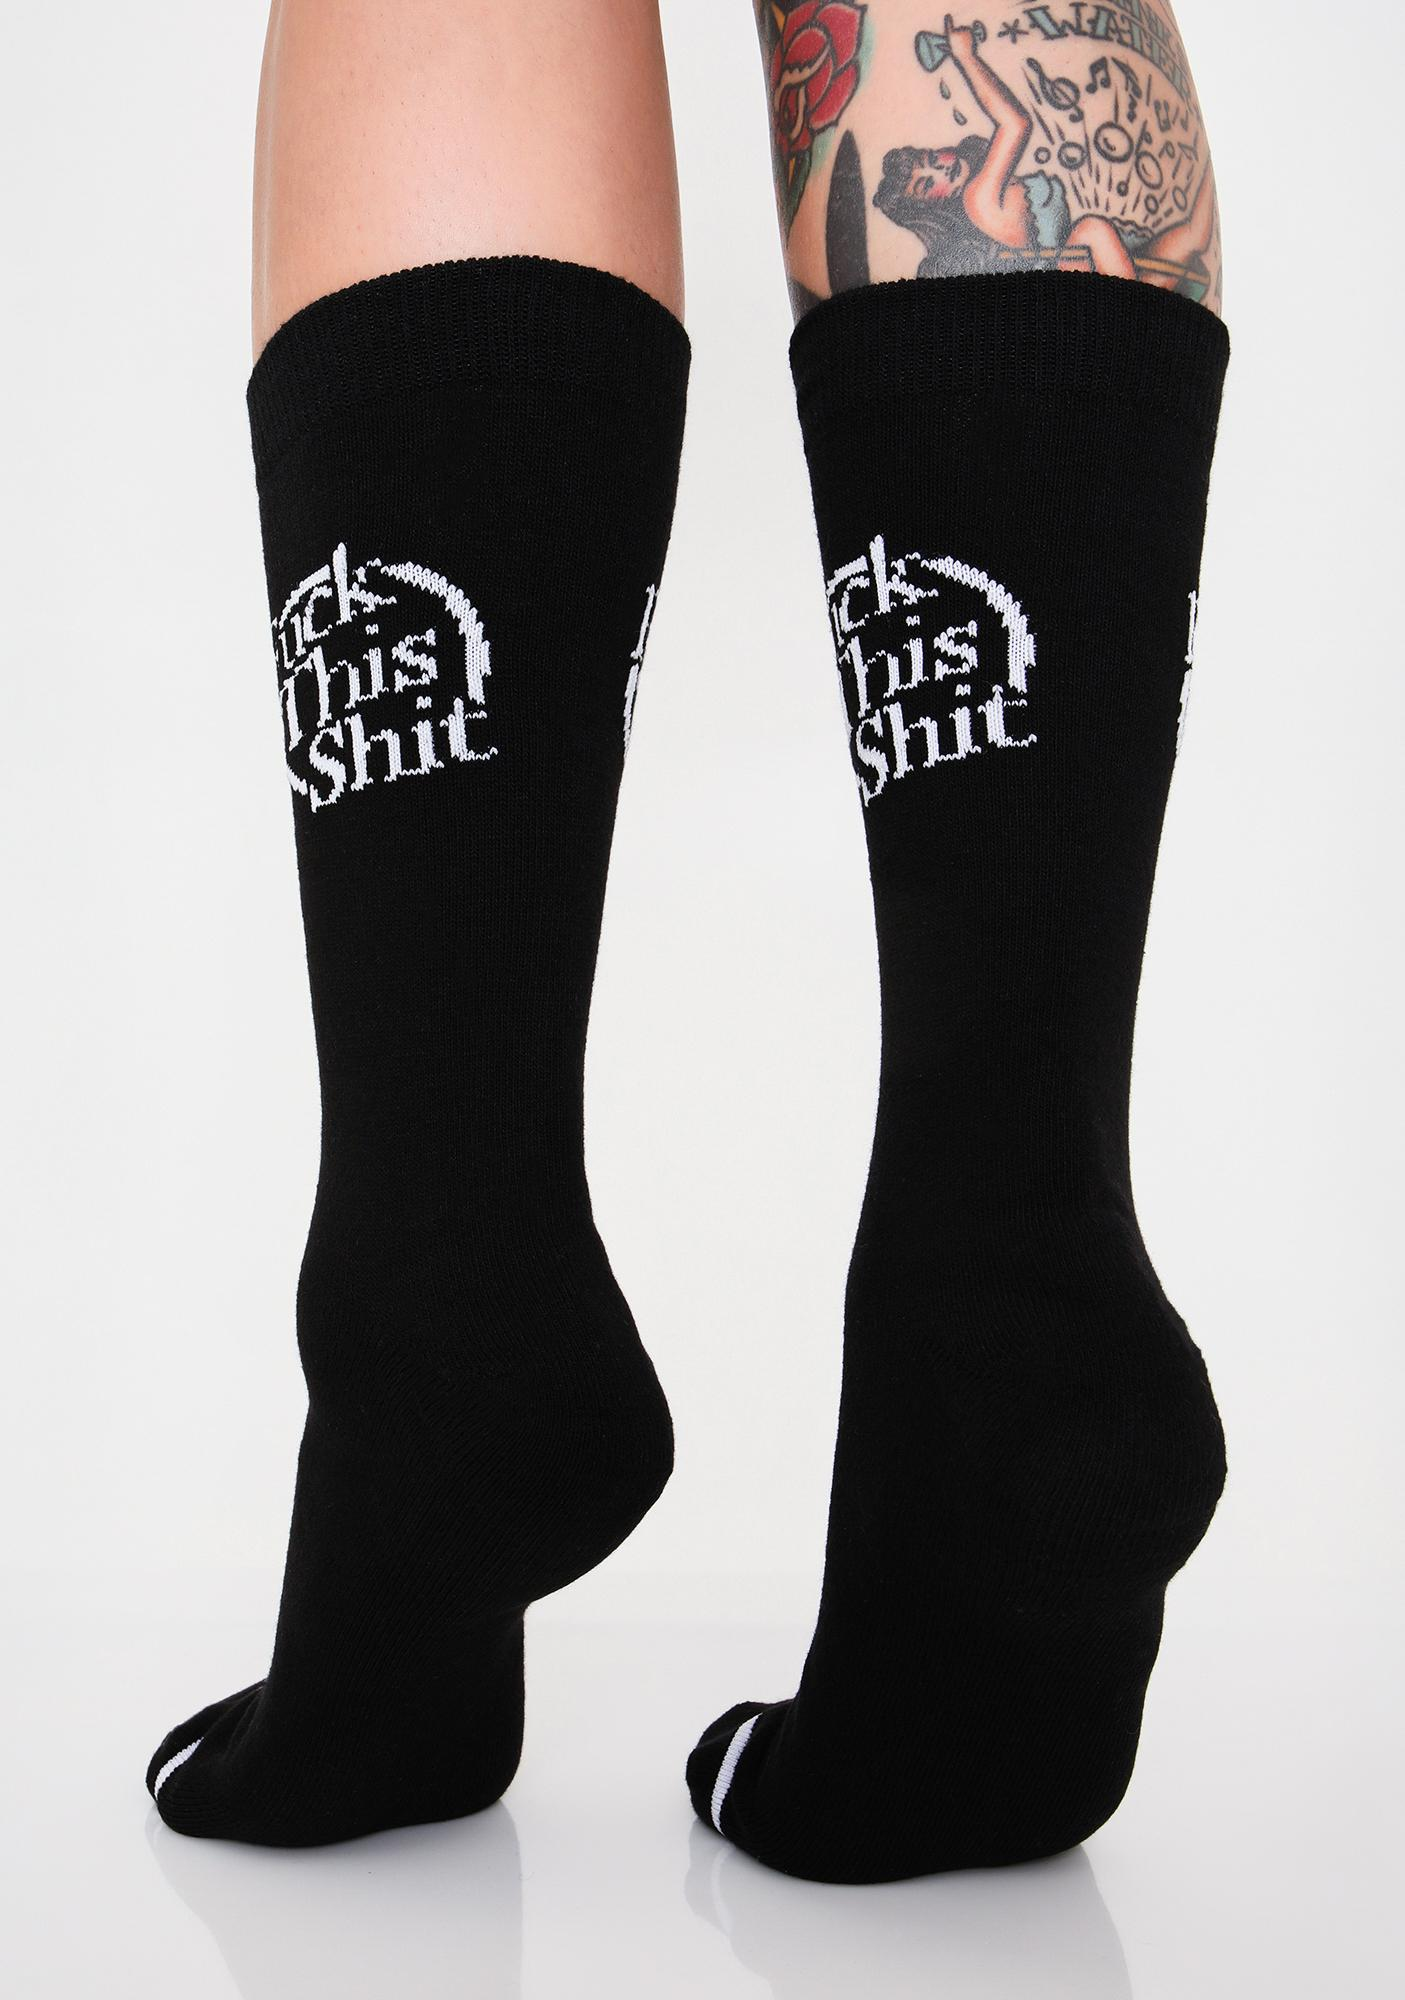 Fukk This Ish Crew Socks